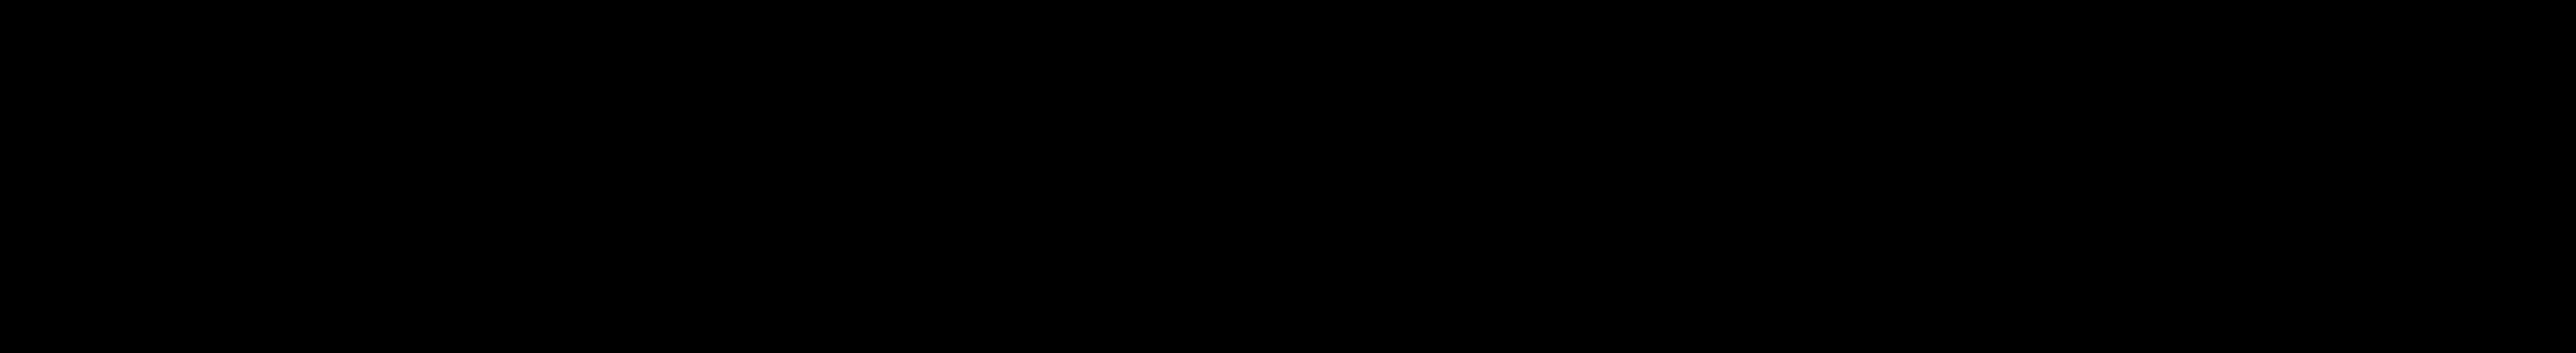 Créteil Soleil